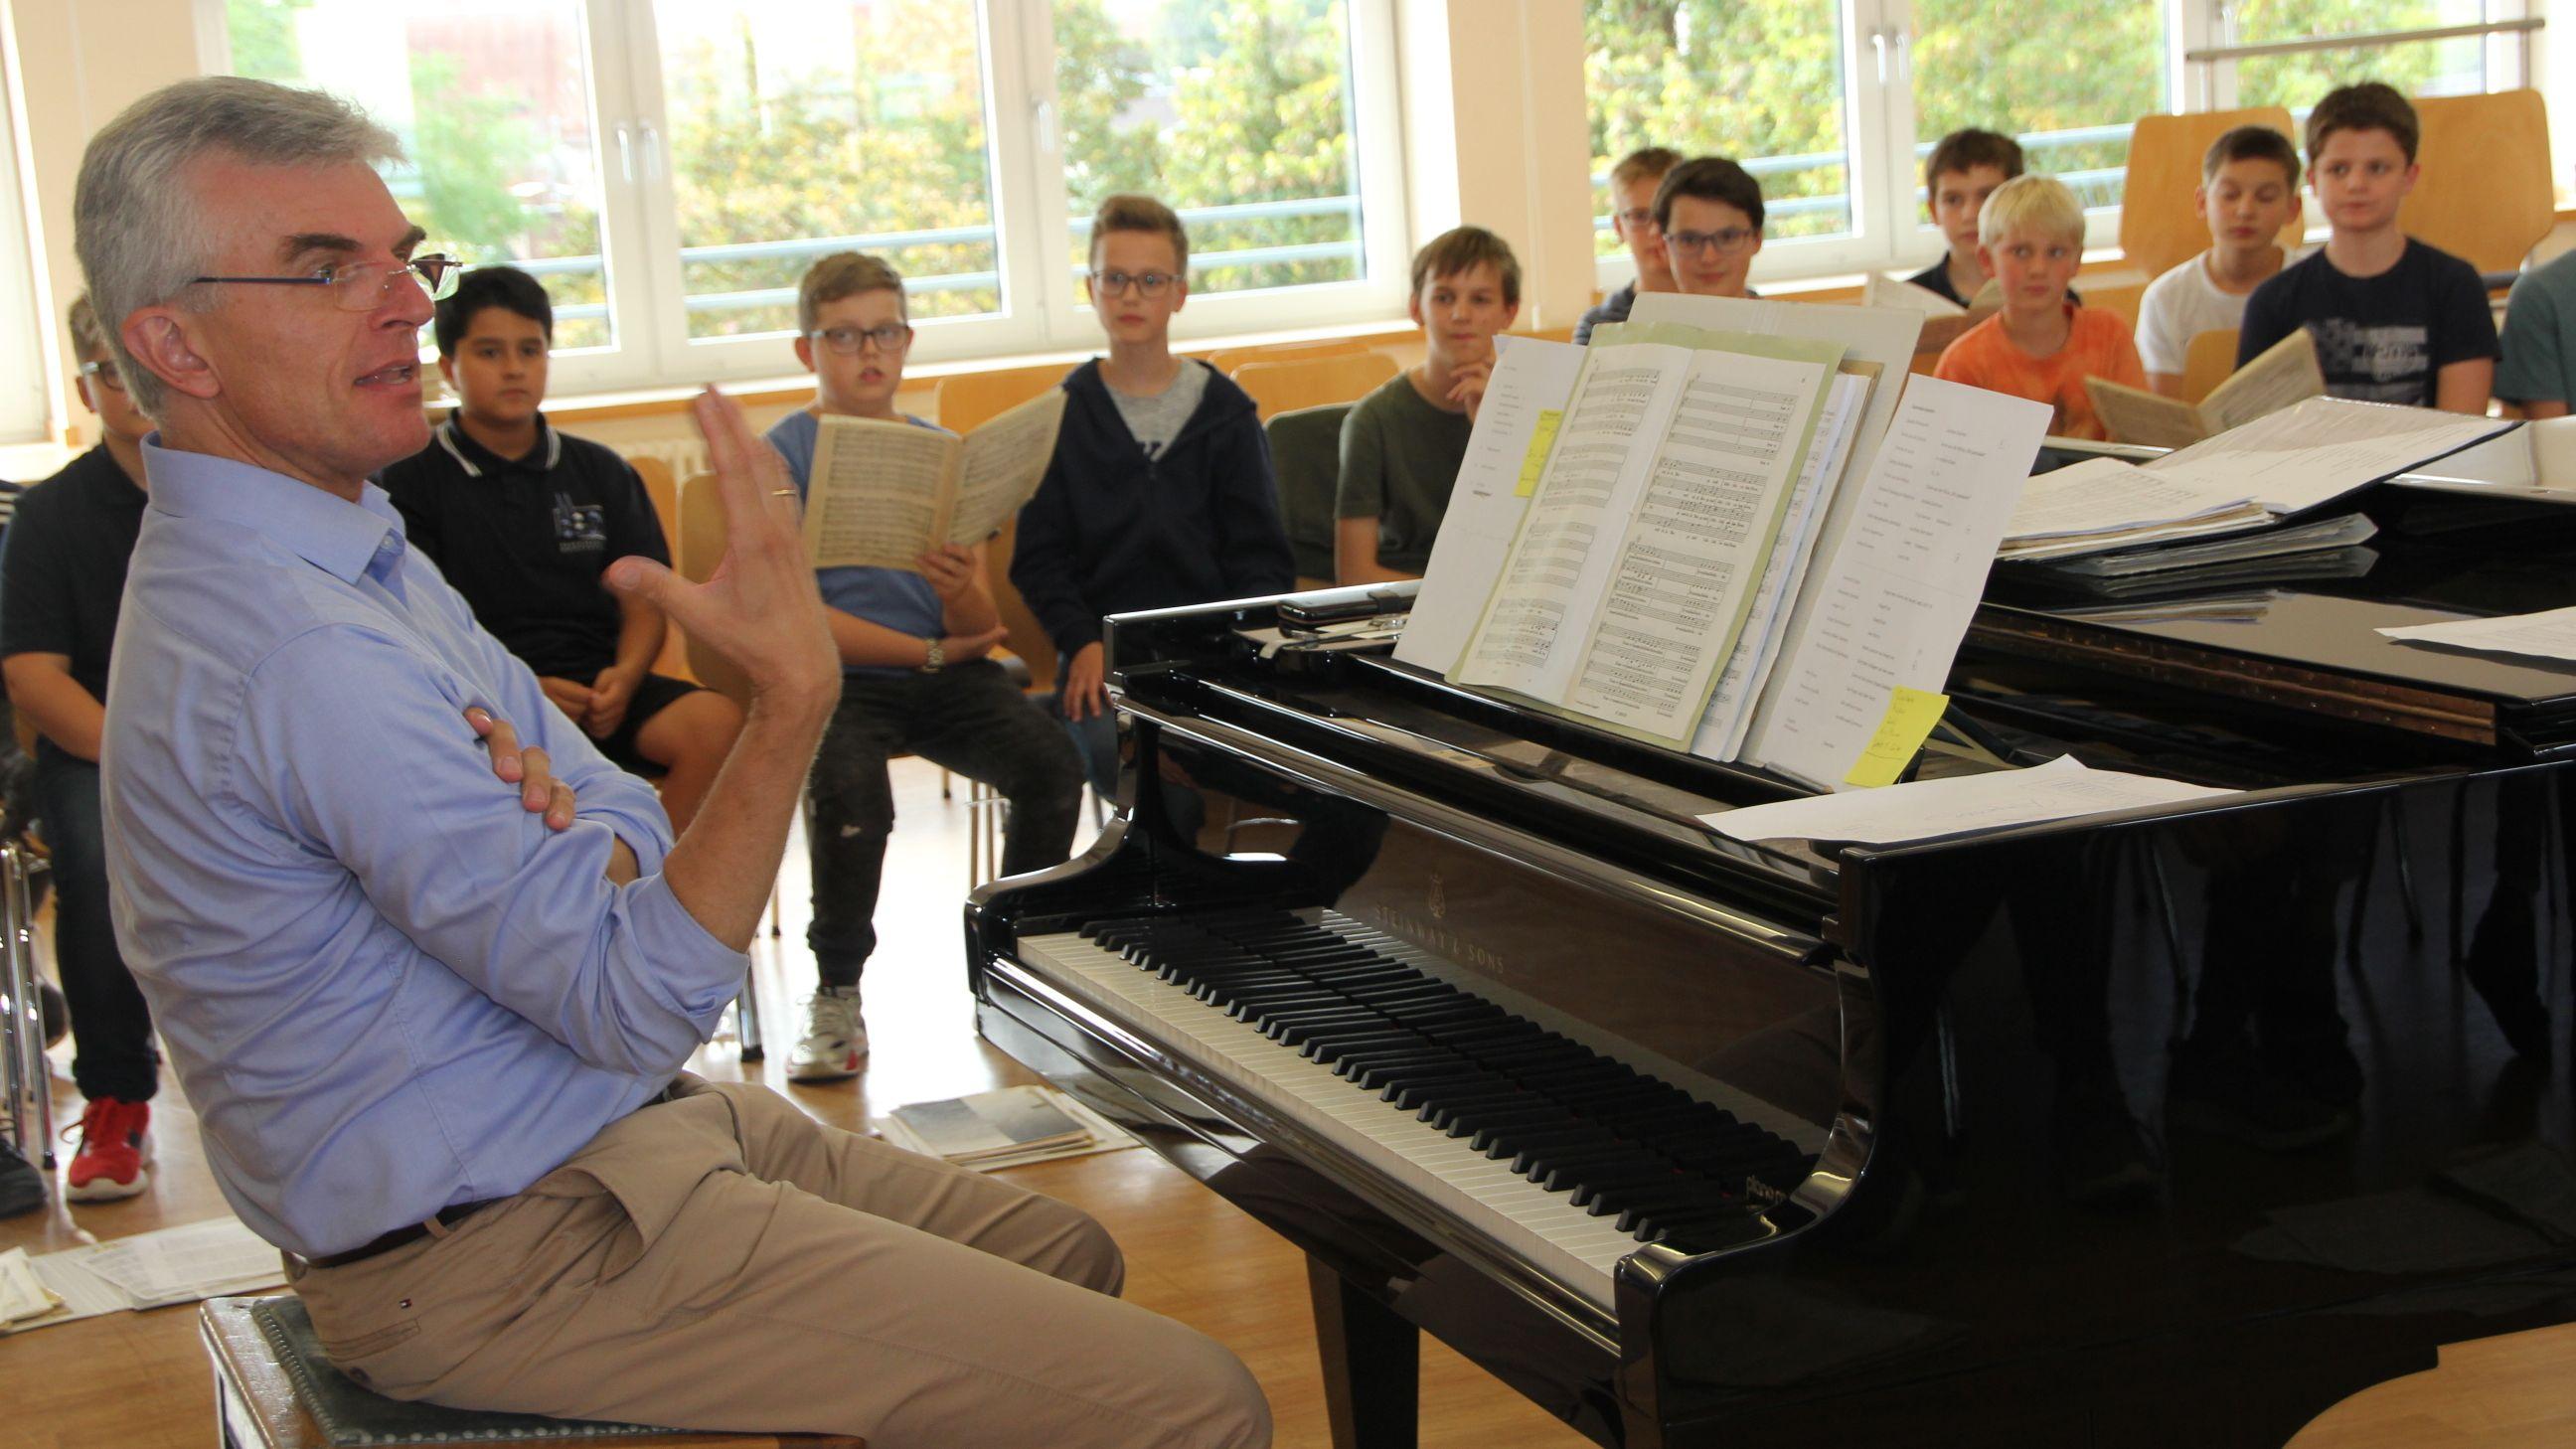 Der neue Leiter der Regensburger Domspatzen bei der Probe mit seinen Sängern.